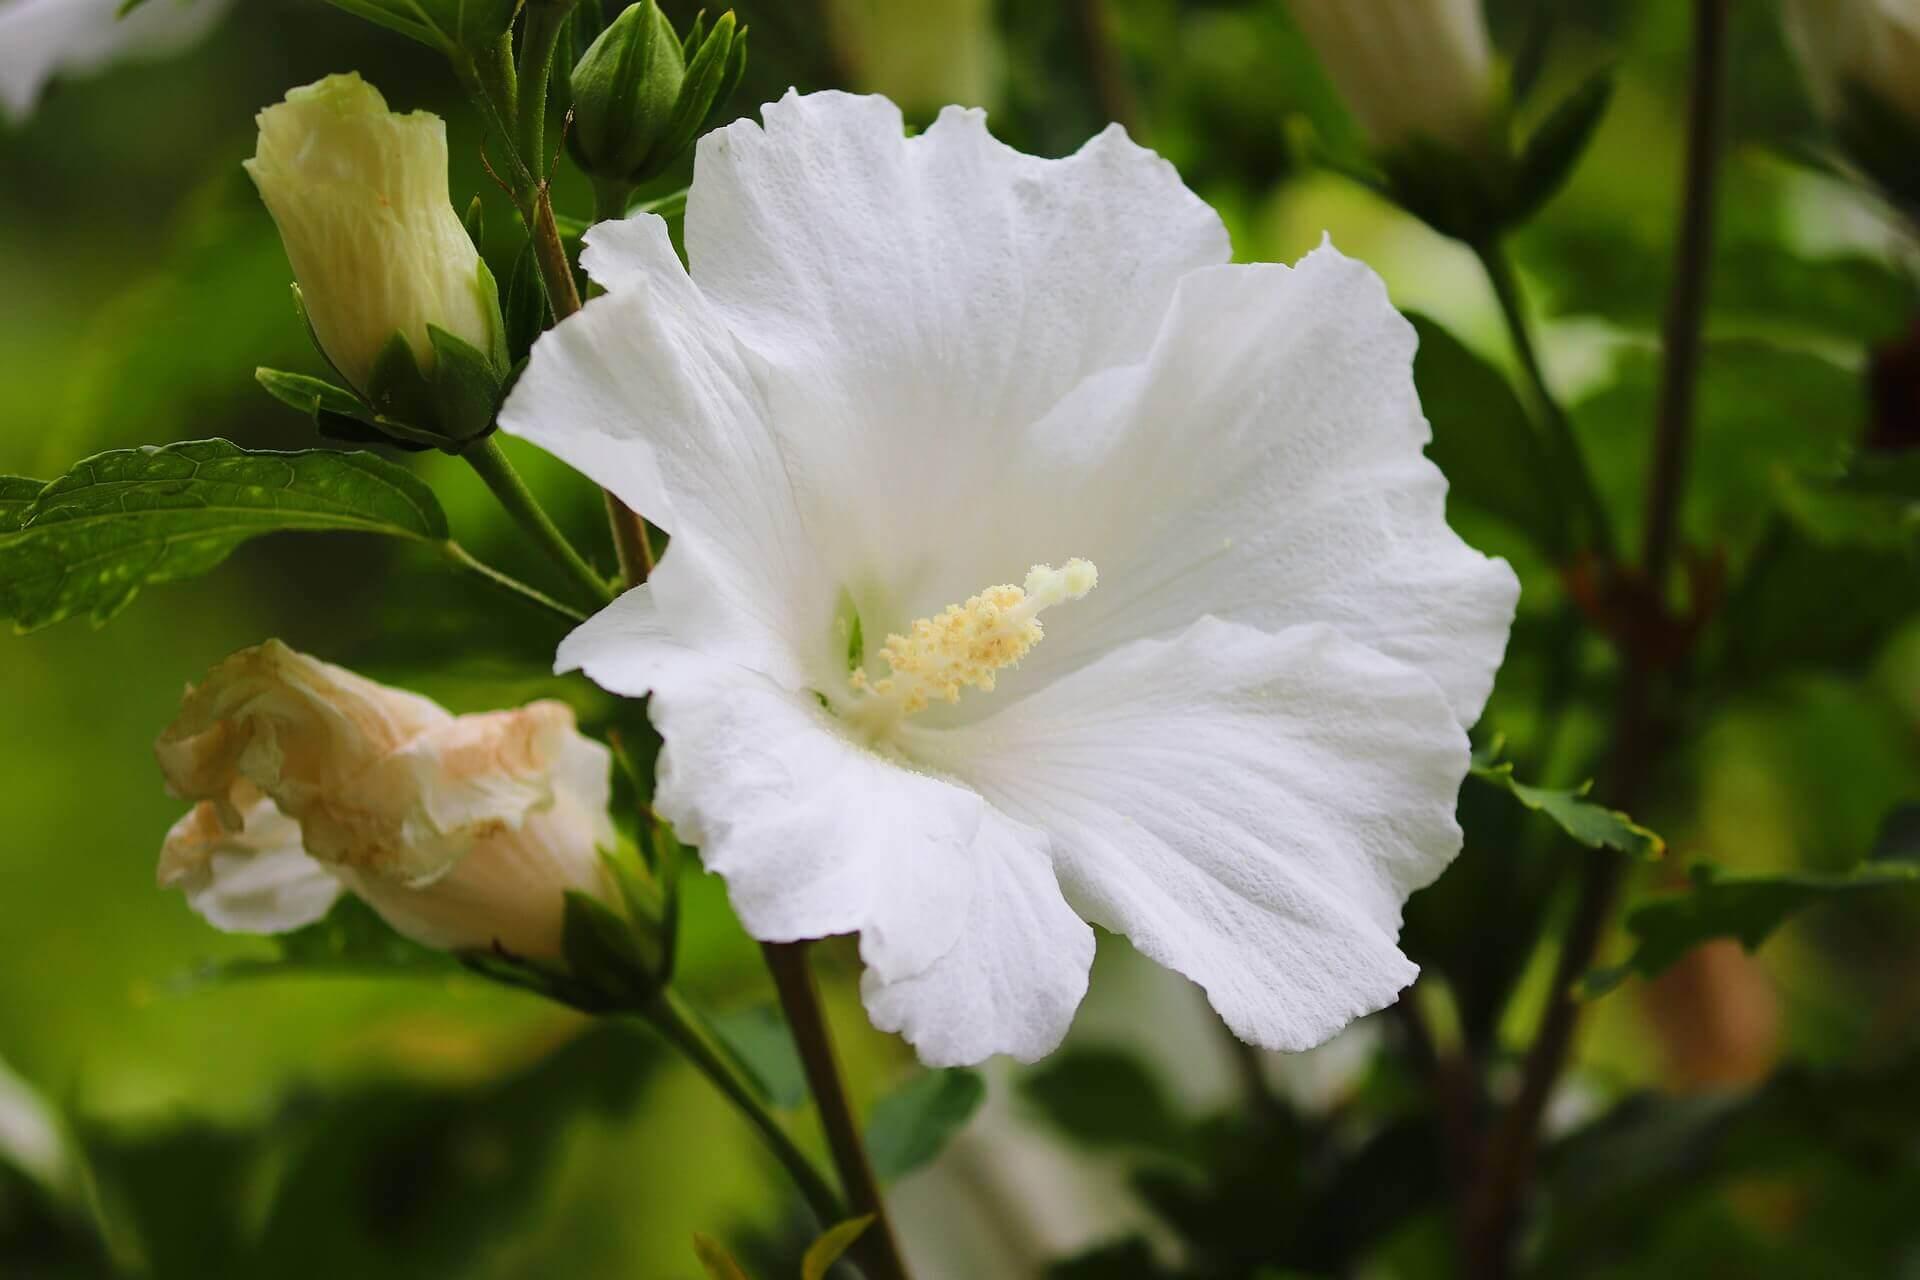 храсти-градина-плътност